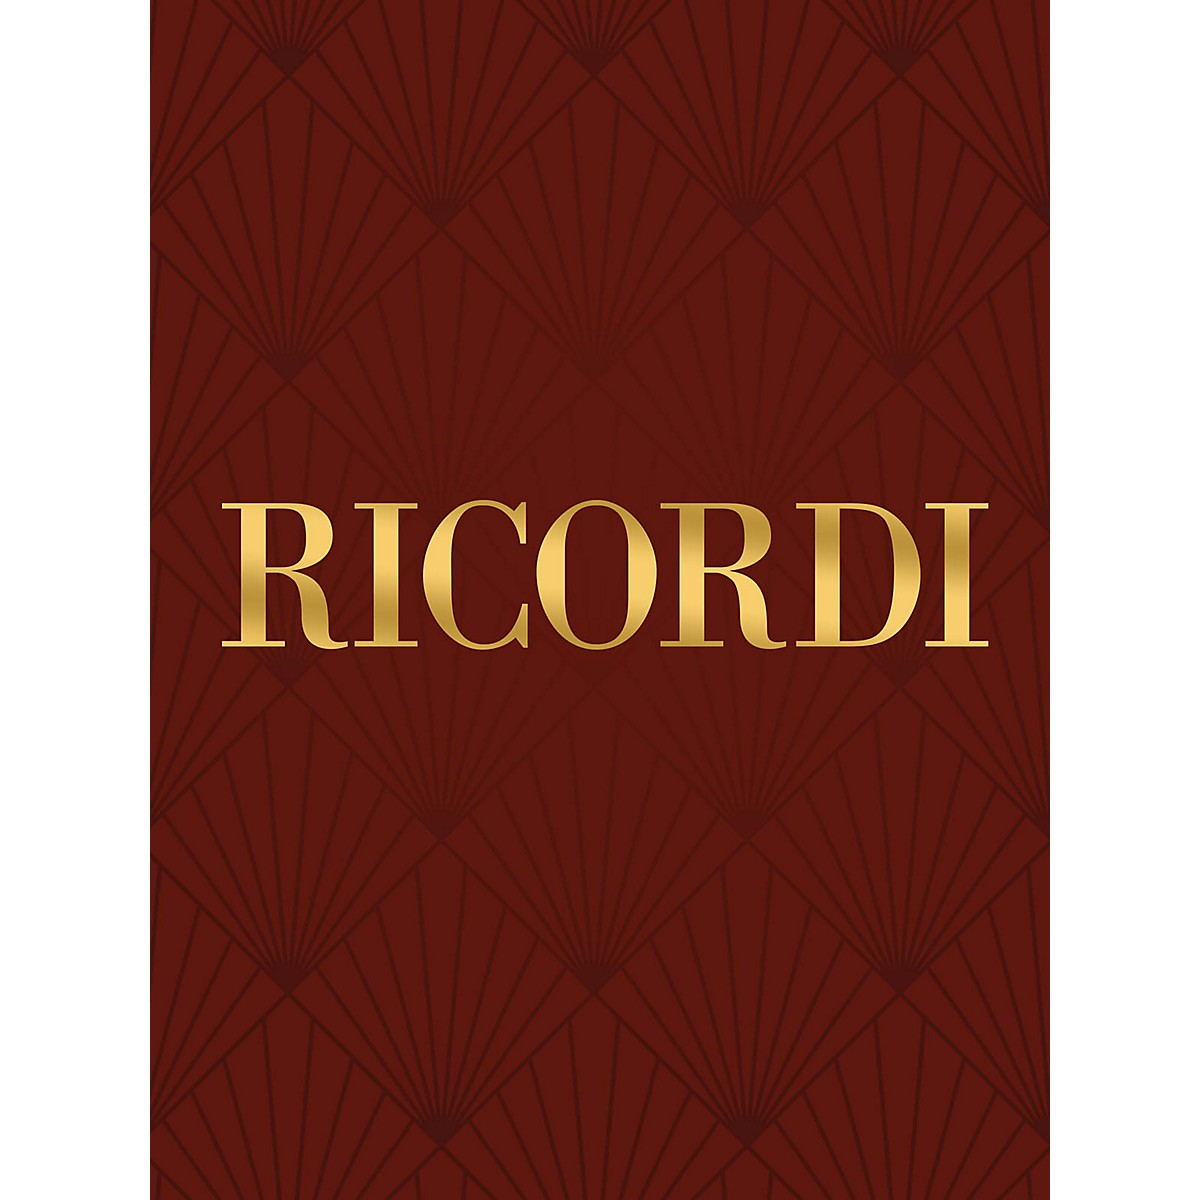 Ricordi 7 Divertimenti o Sonate, Op. 18 String Solo Composed by Bartolemeo Campagnoli Edited by Enrico Polo